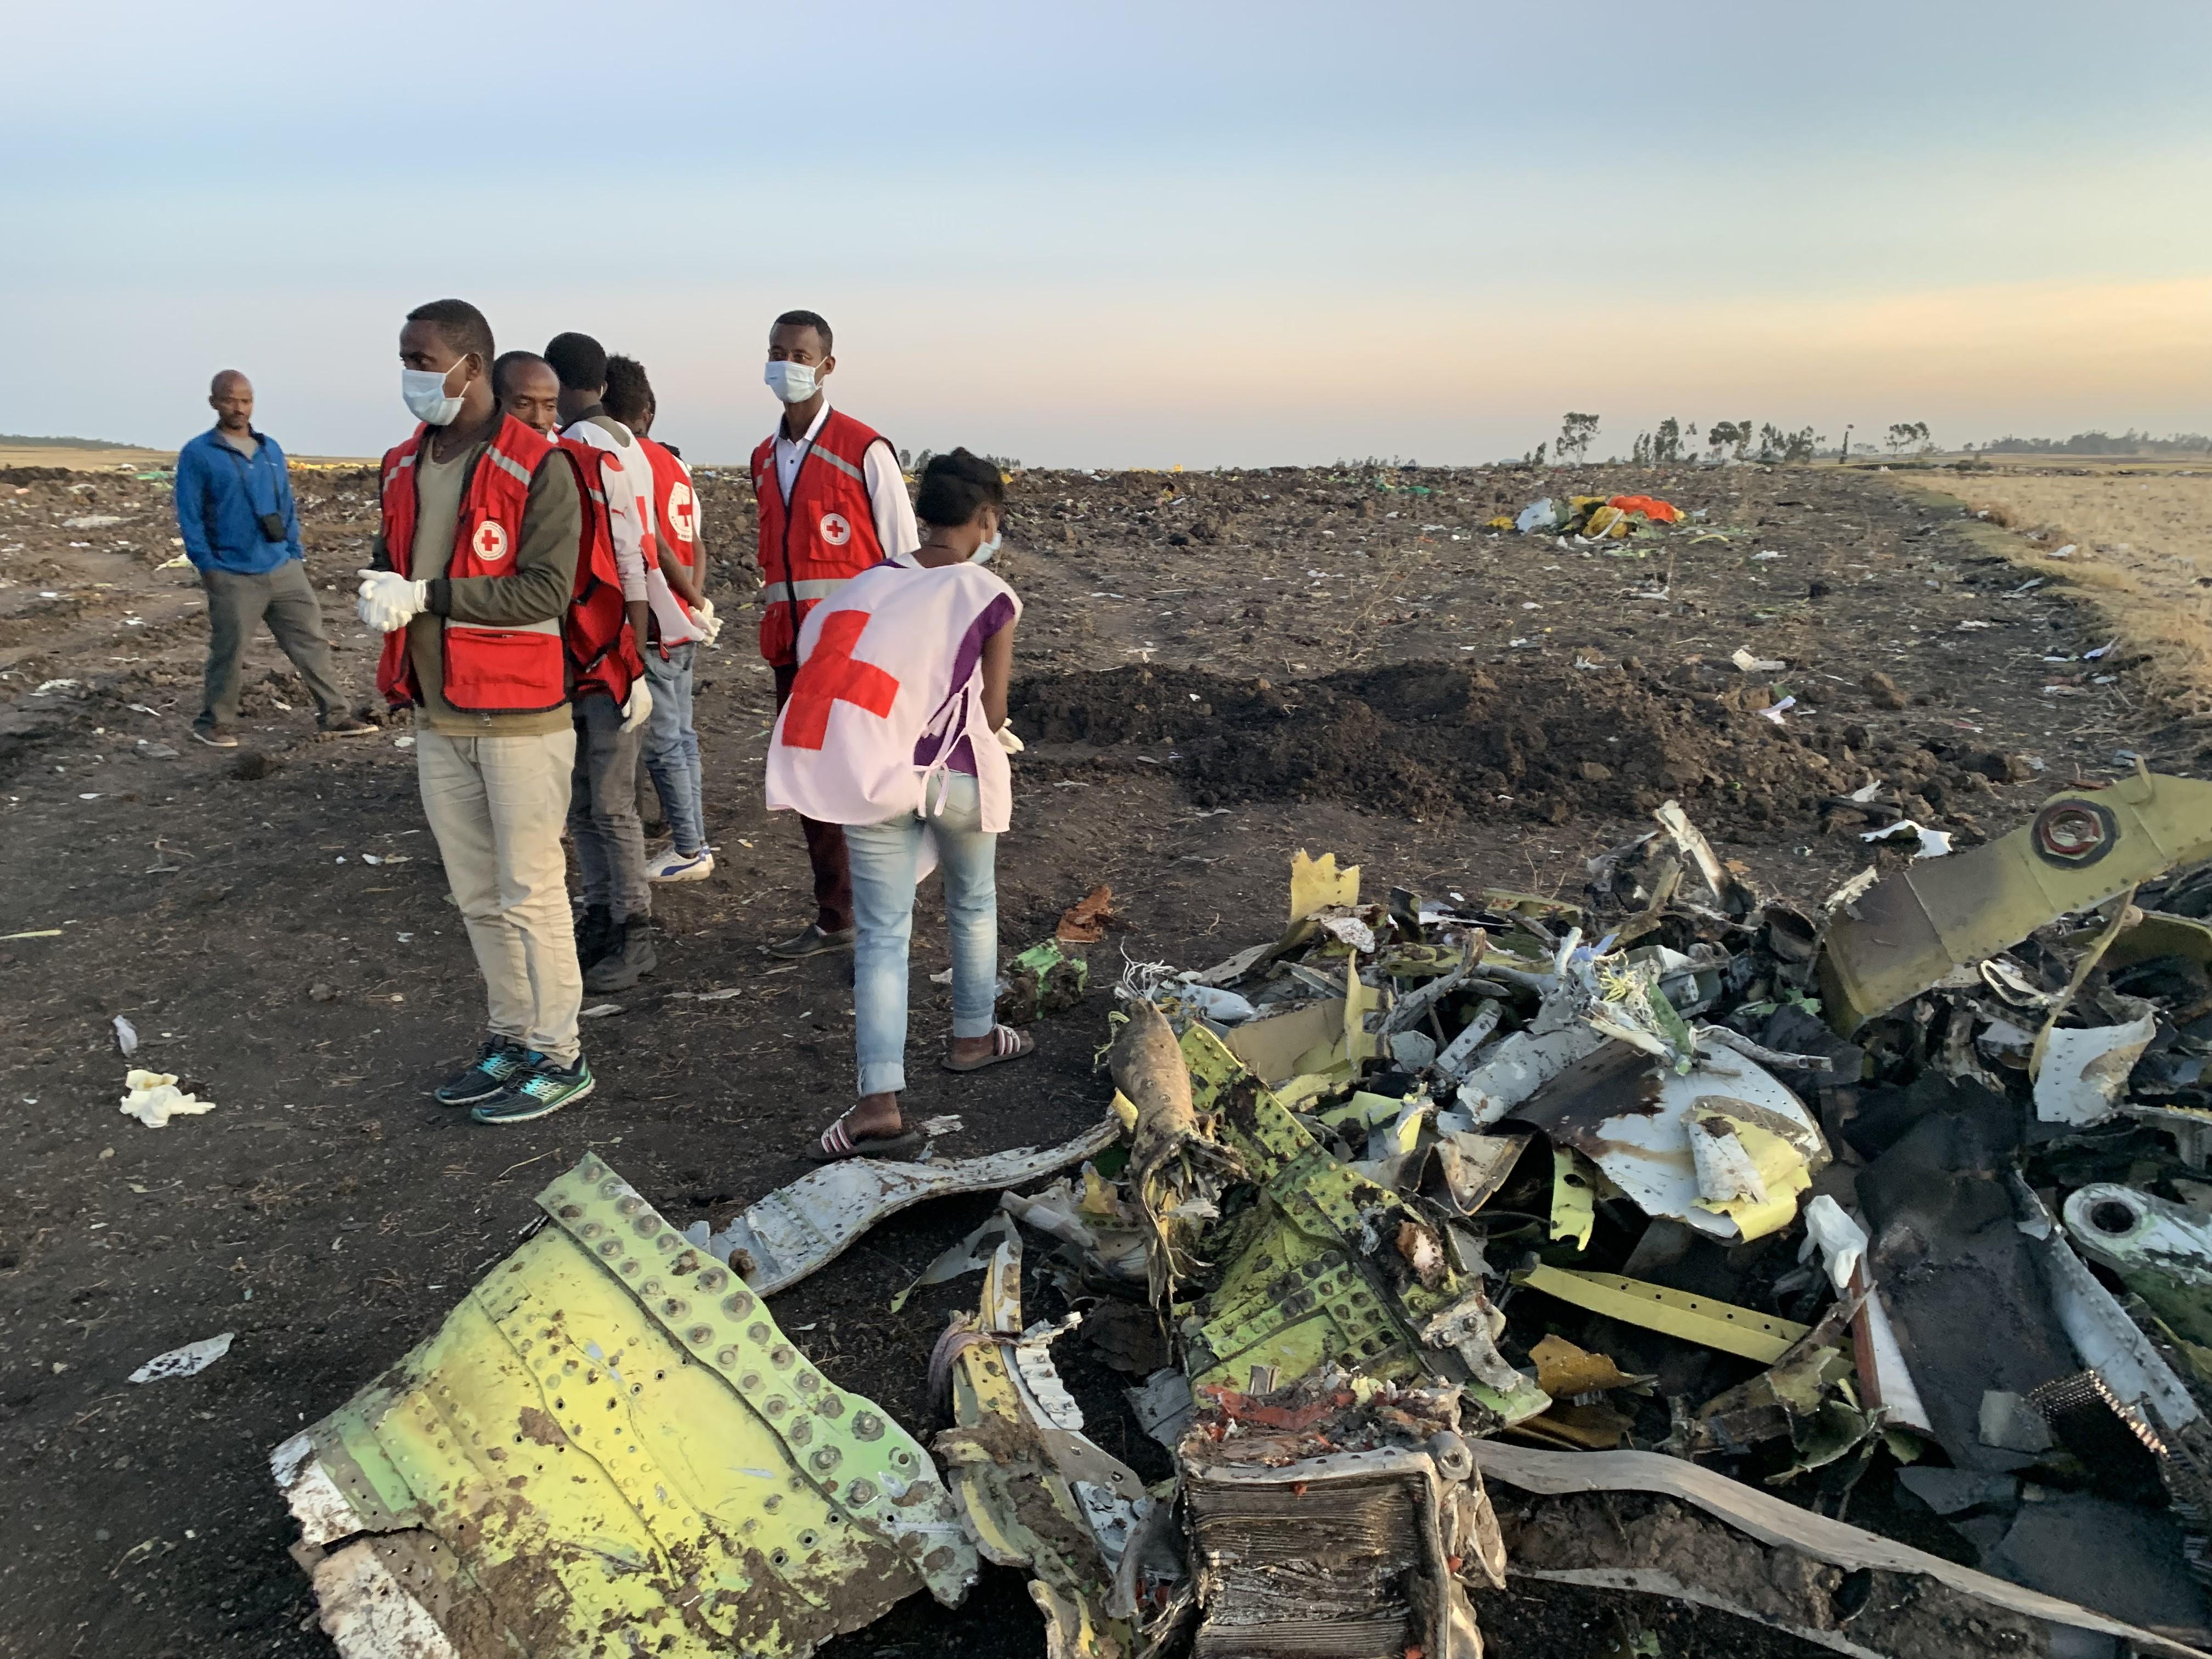 Primul raport oficial despre tragedia din Etiopia. Piloții nu au putut controla avionul